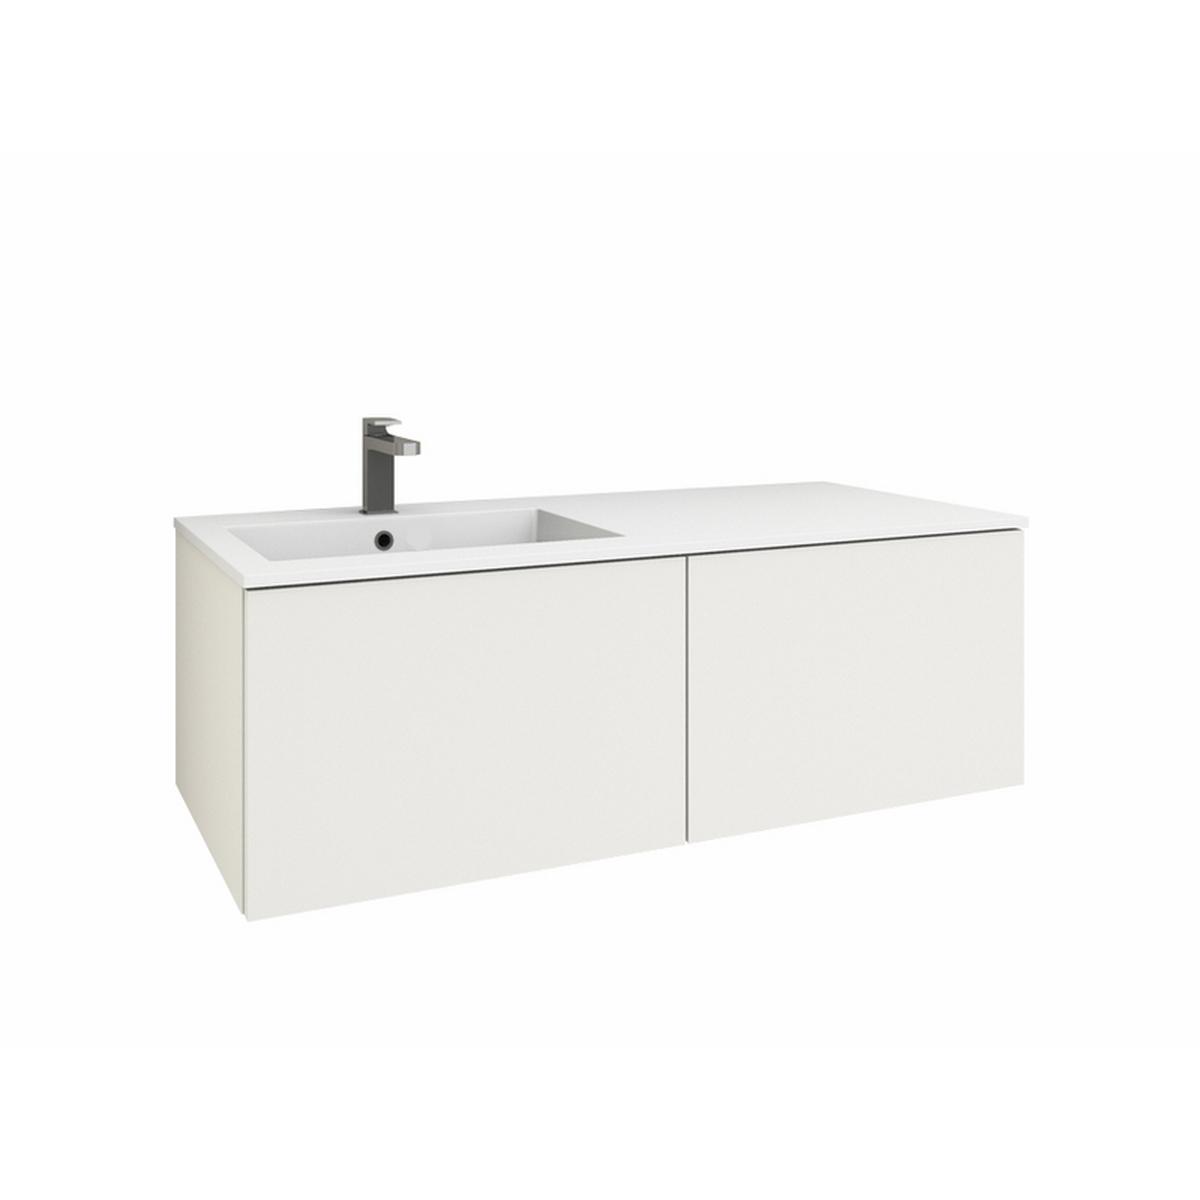 levanto 120l mineralguss waschtischset mit 2 ausz gen. Black Bedroom Furniture Sets. Home Design Ideas